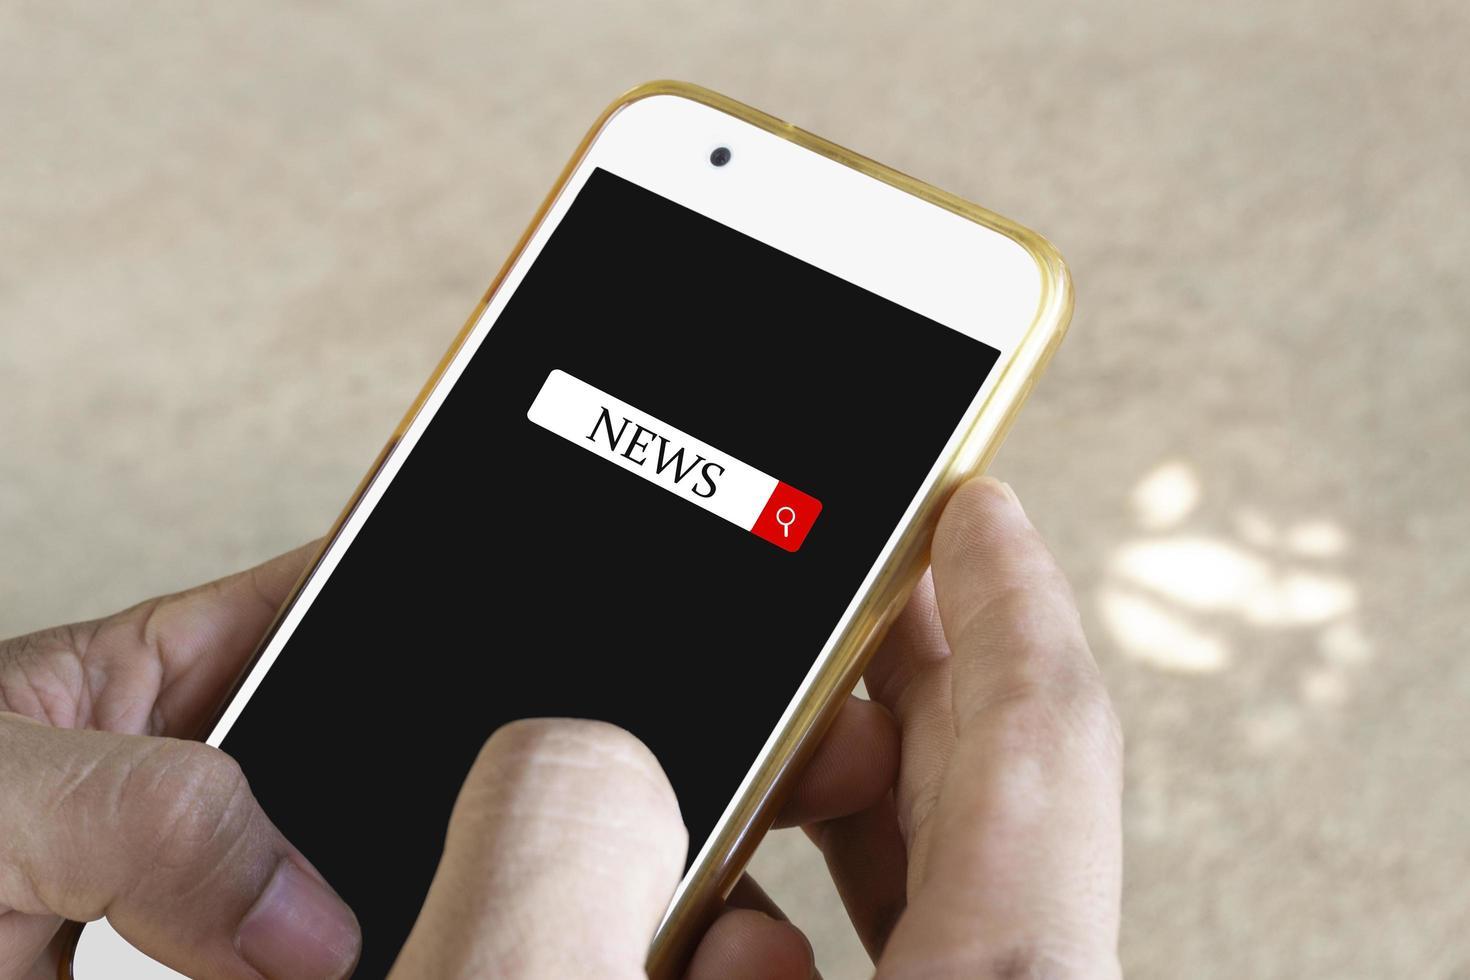 personne à la recherche de nouvelles sur smartphone photo